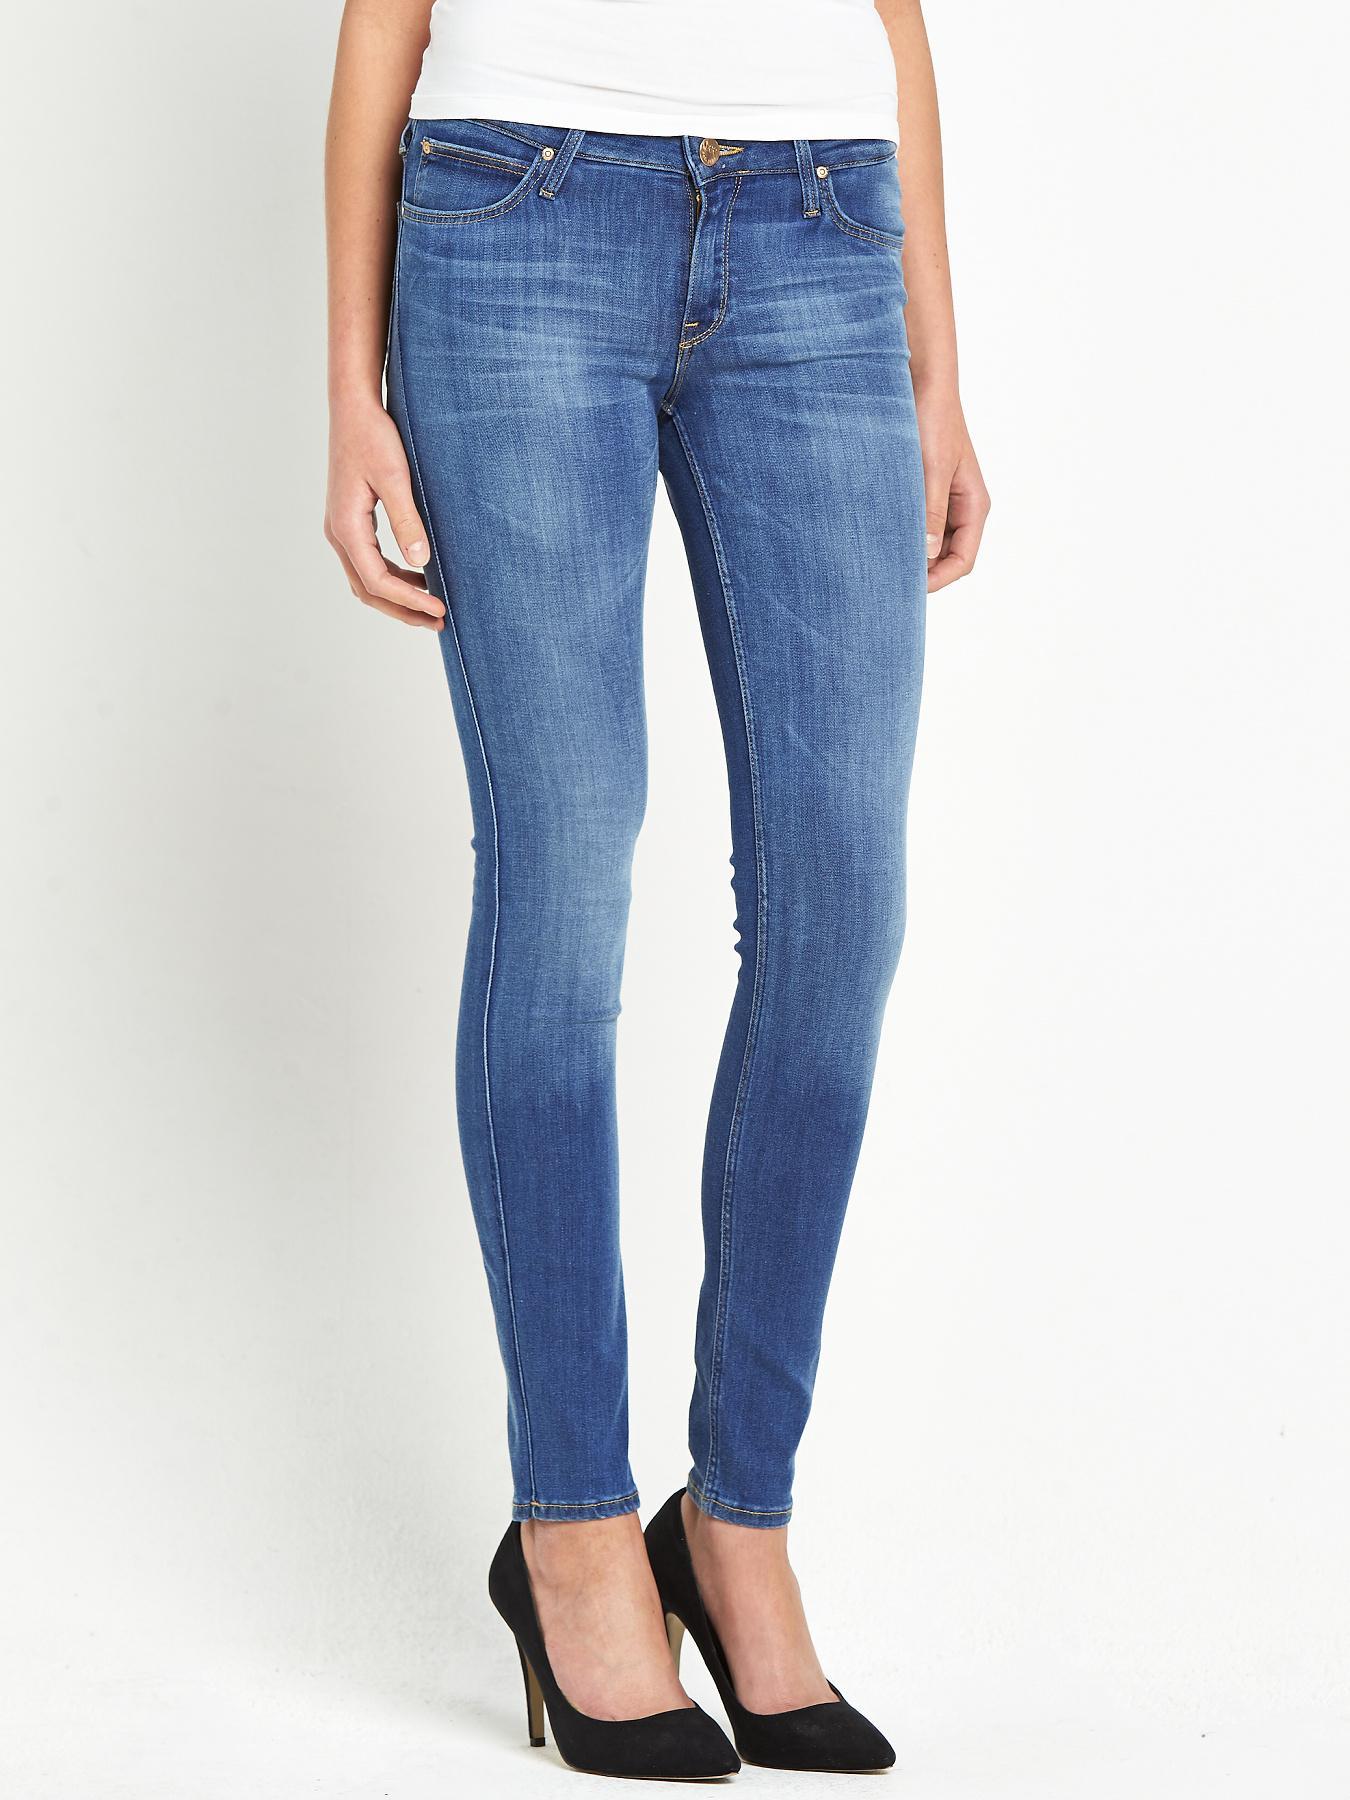 Lee Scarlett Skinny Jeans - Blue, Blue